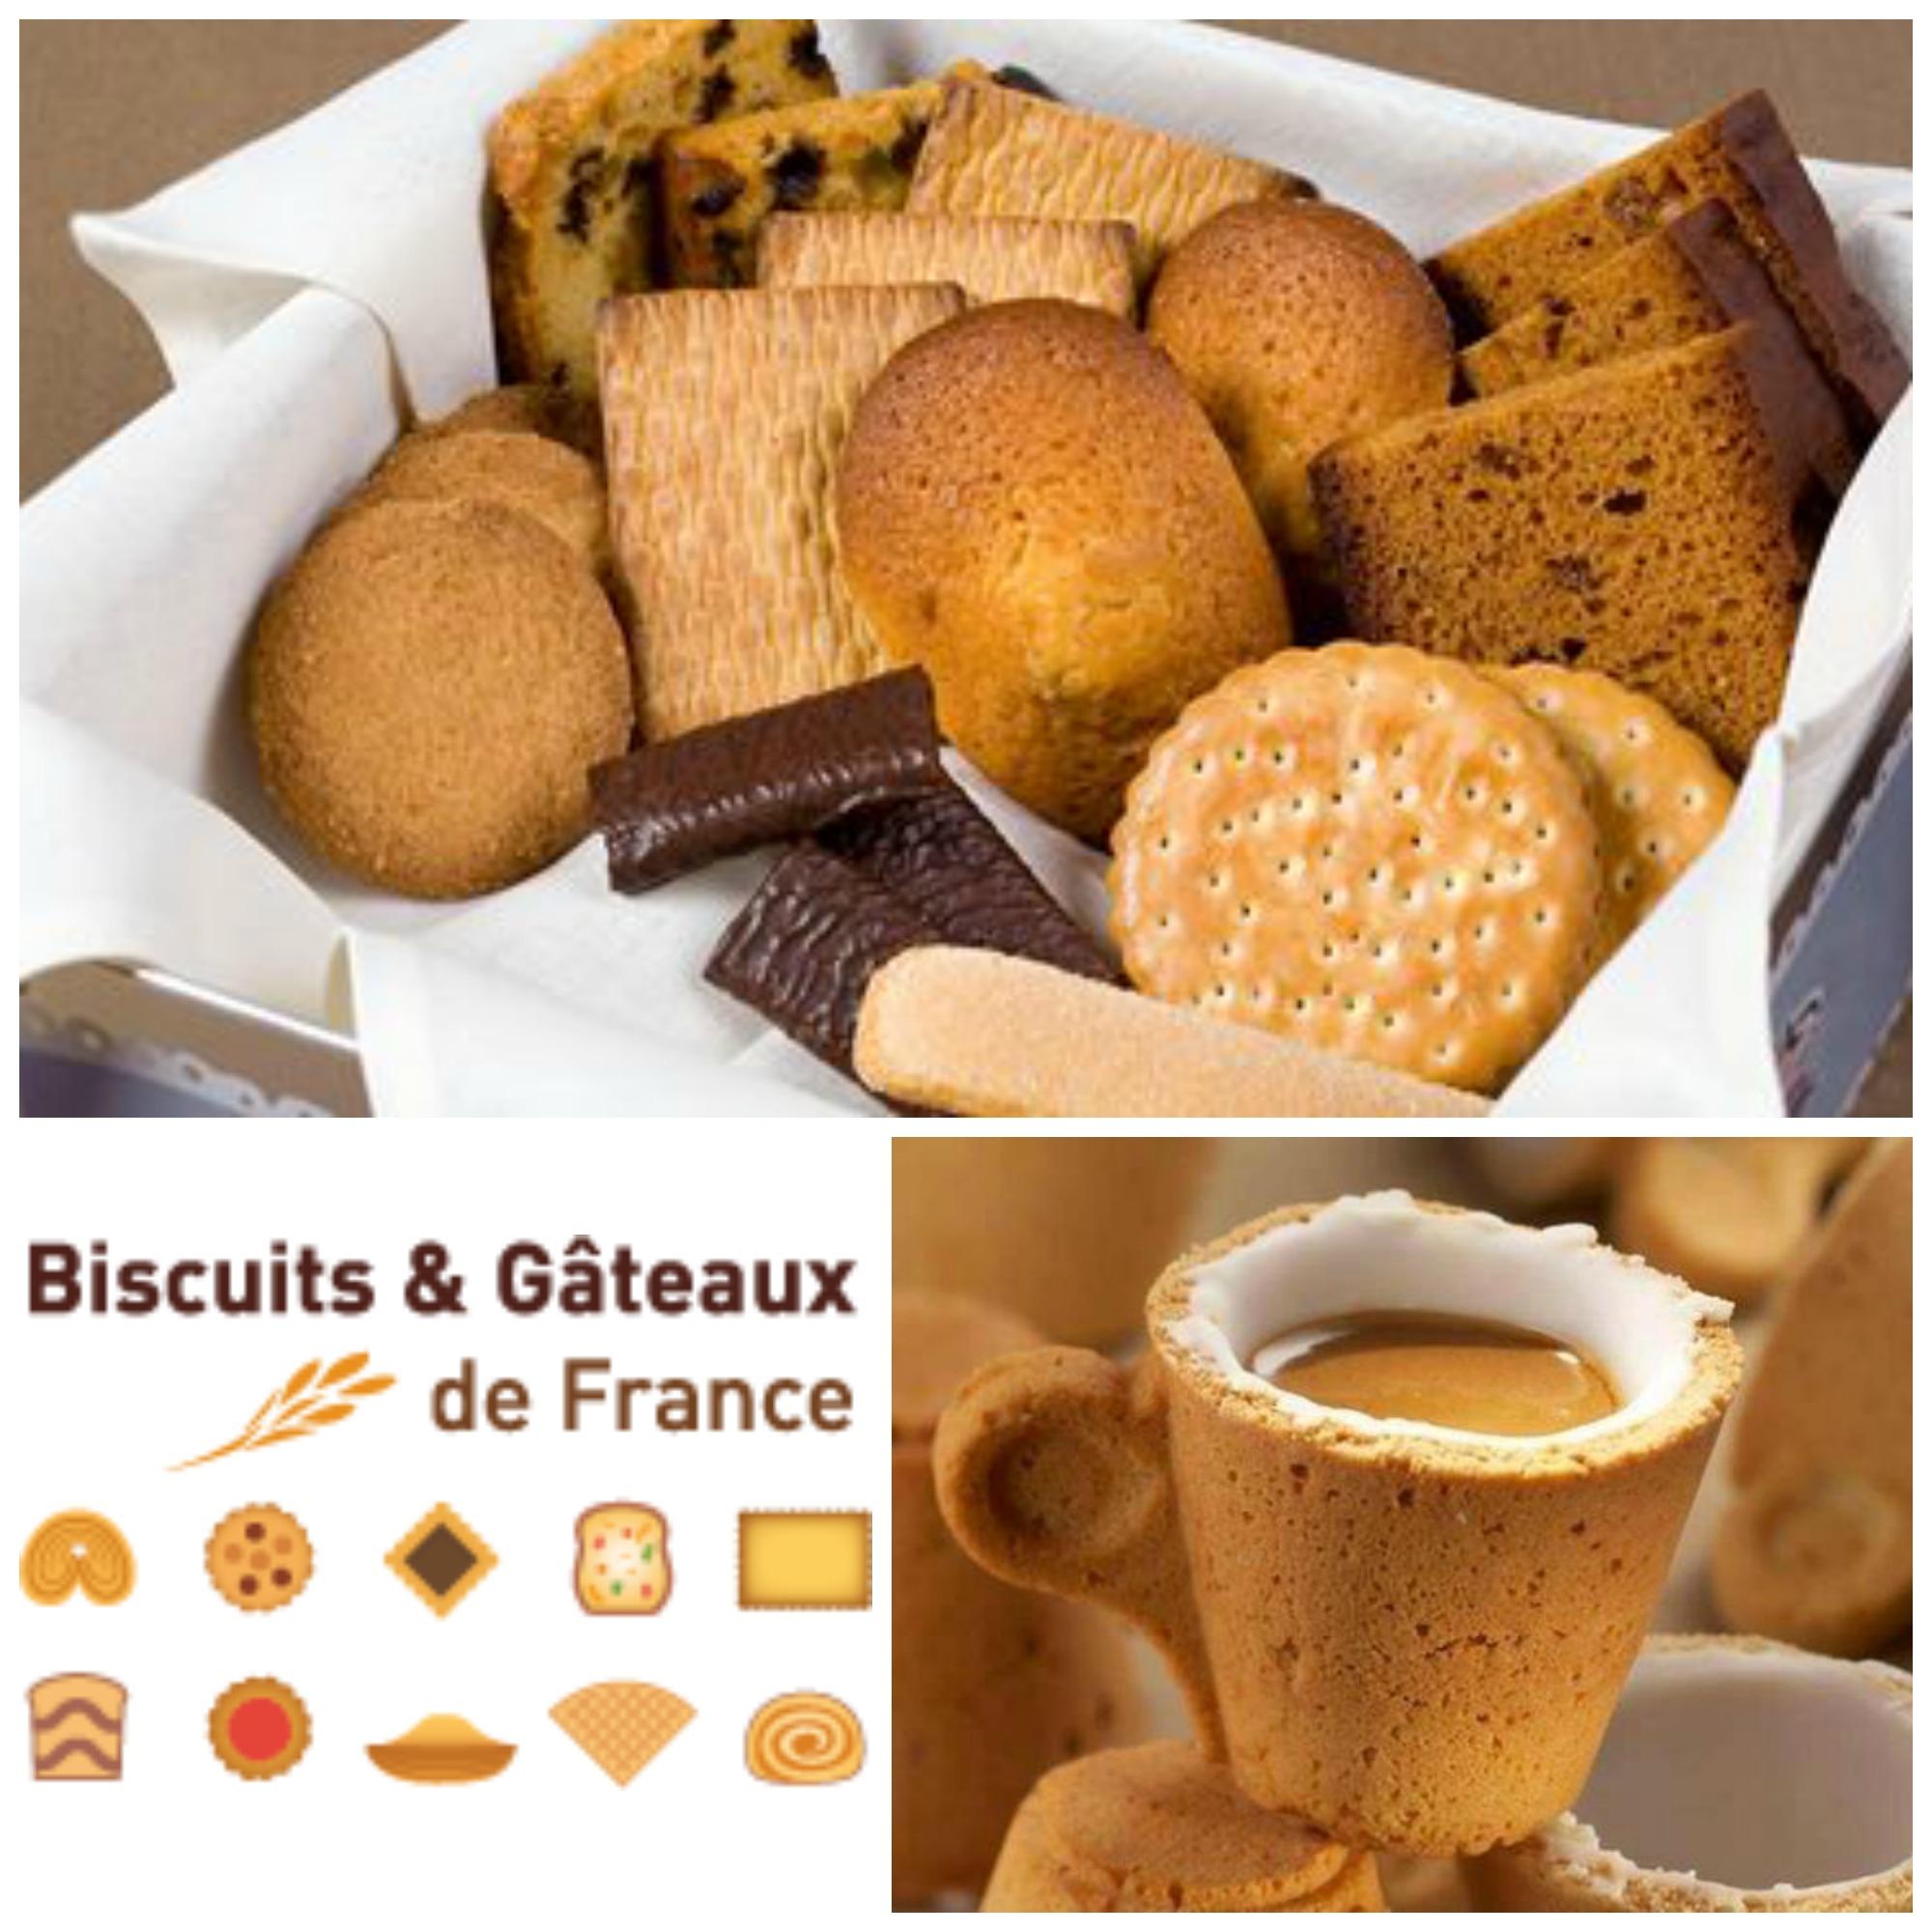 Biscuits \u0026 Gâteaux de France_Expressionsdenfants